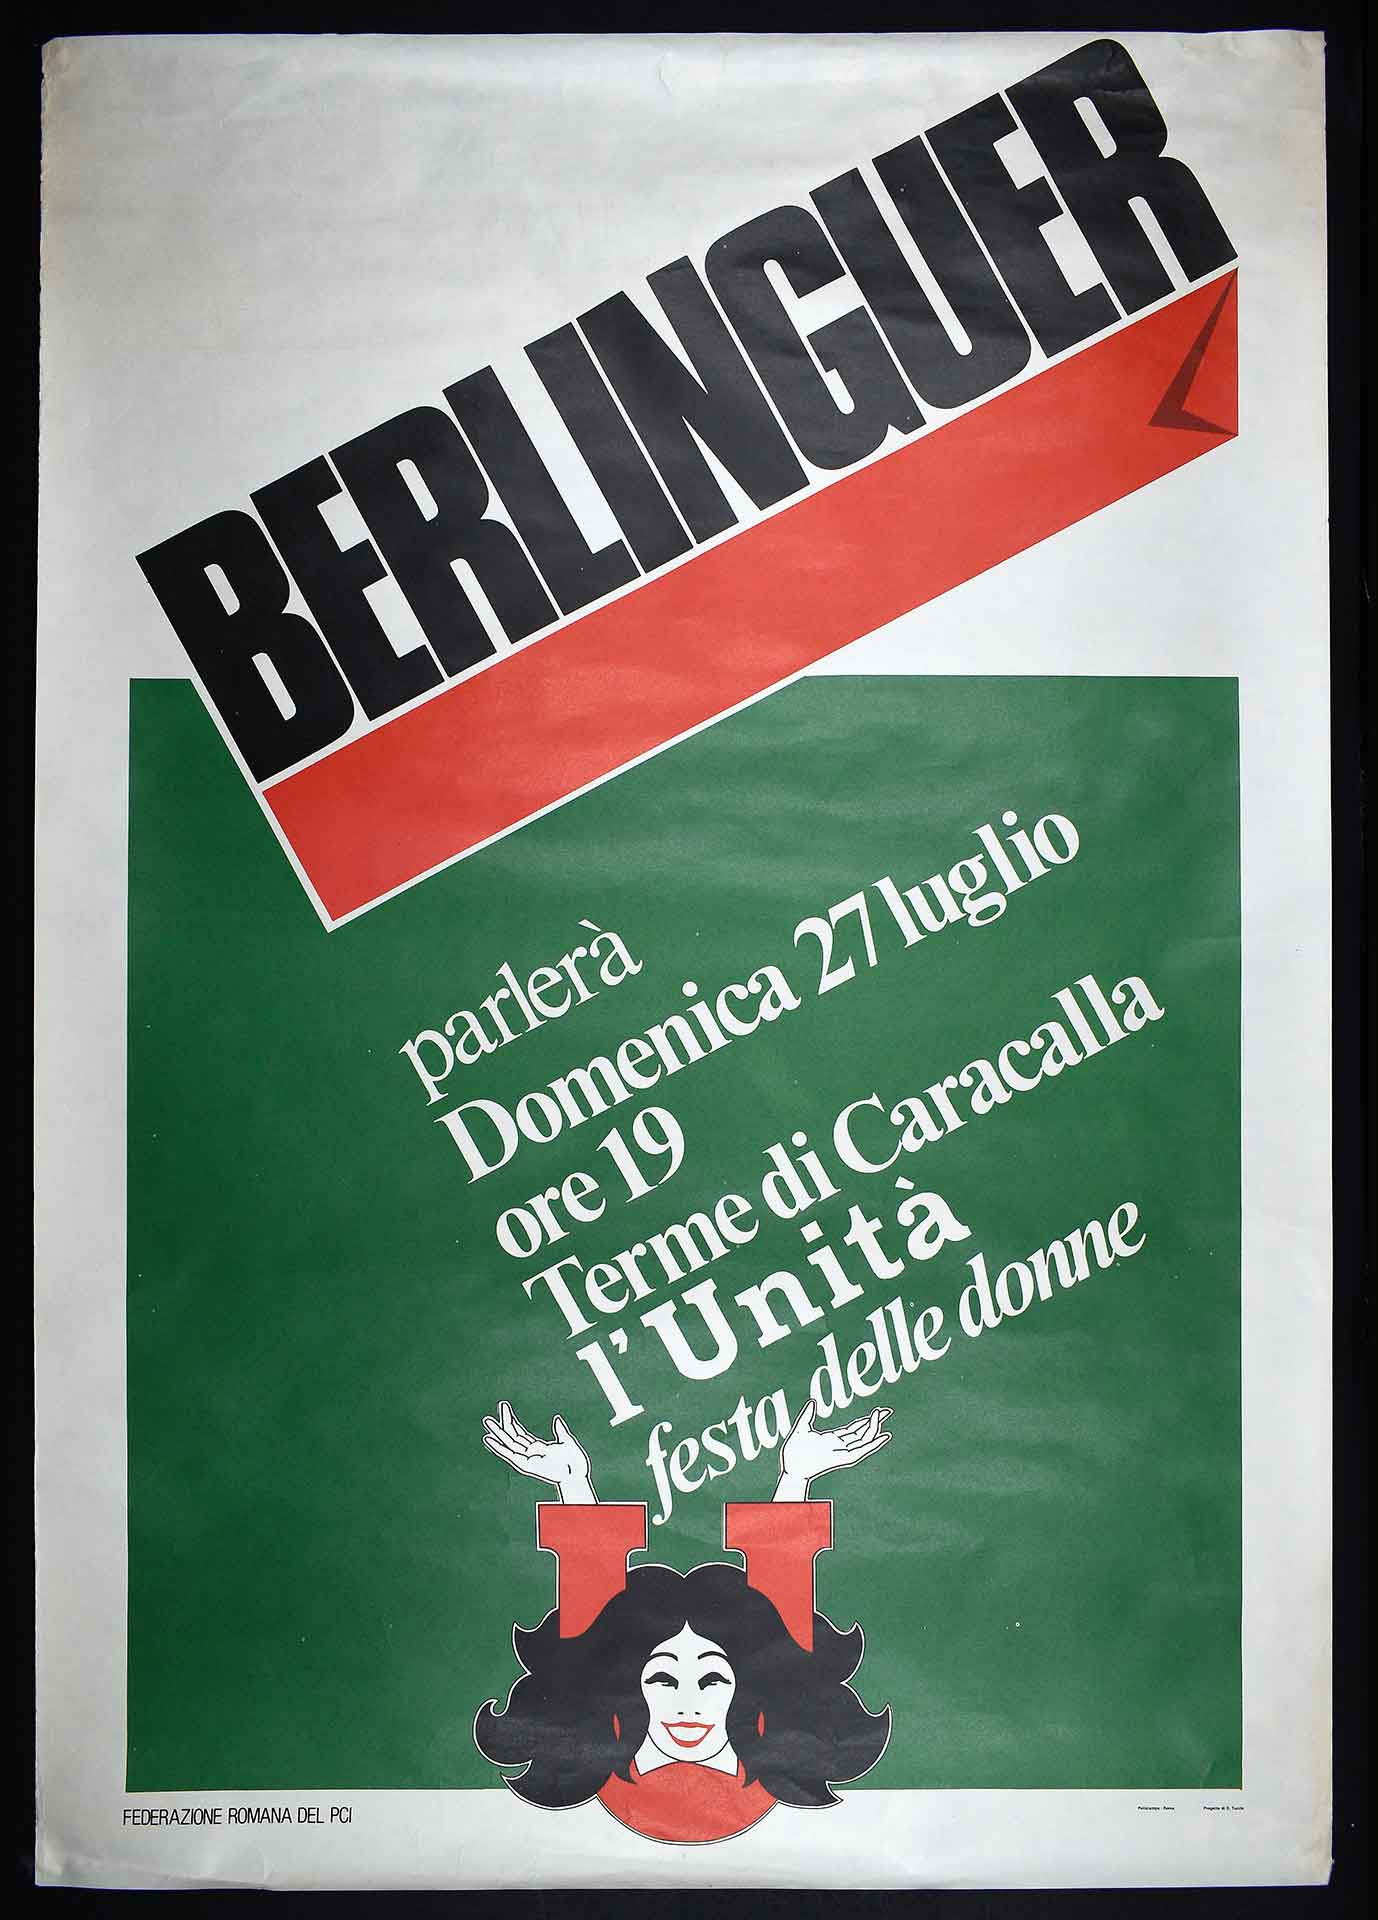 """1975-1980. La Federazione romana del Partito comunista italiano (PCI) per il comizio conclusivo della Festa delle donne e de """"l'Unità"""". Stampa Polistampa, Roma. Progetto di D. Turchi. Comunicazione di partito."""